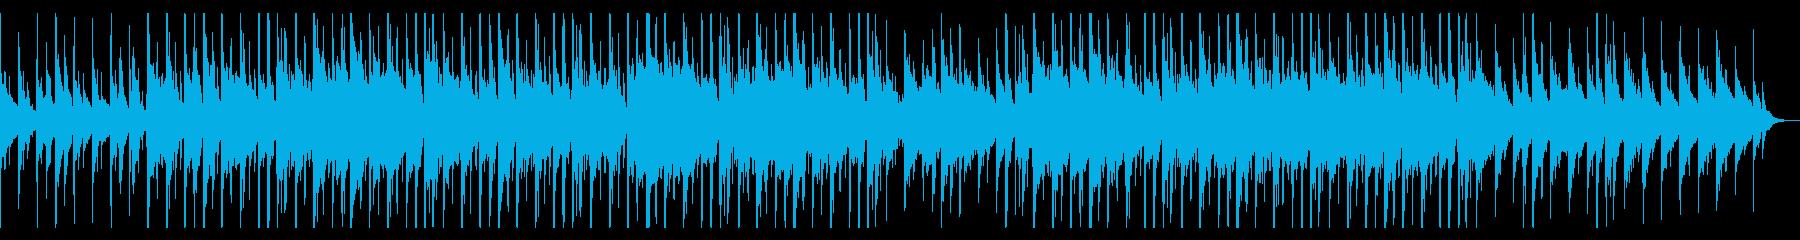 洋楽トレンドチルいLo-Fiヒップホップの再生済みの波形